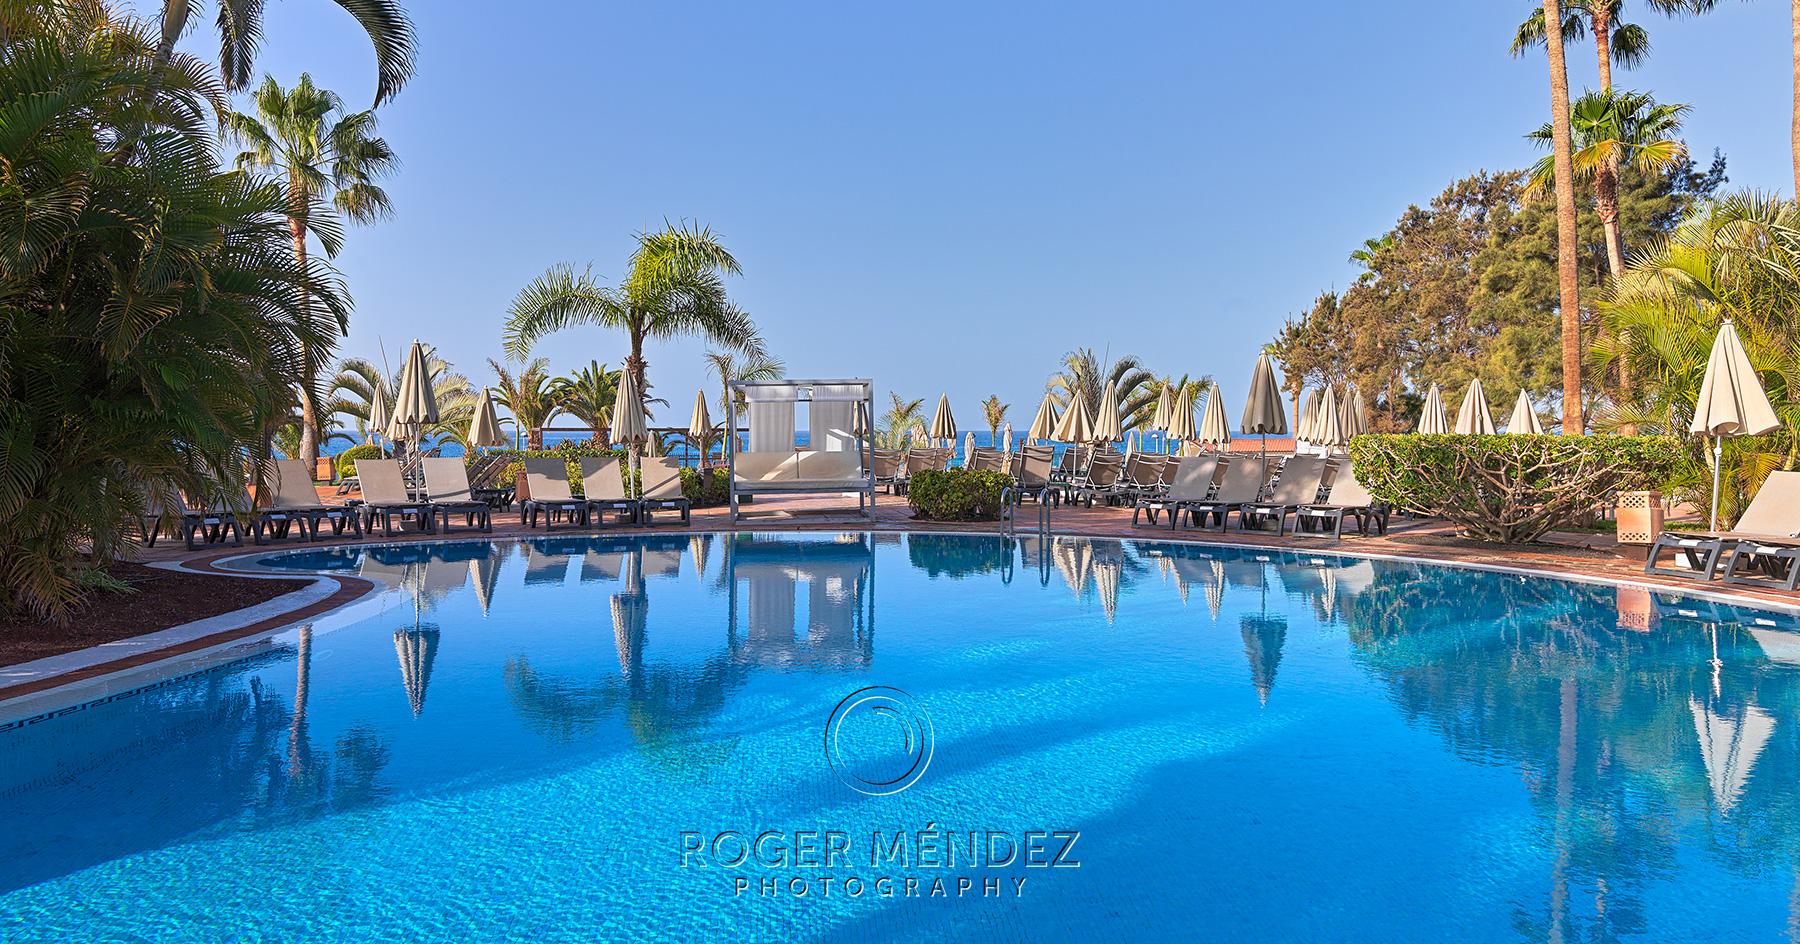 Fotografía de piscina principal de día del hotel H10 Costa Adeje Palace